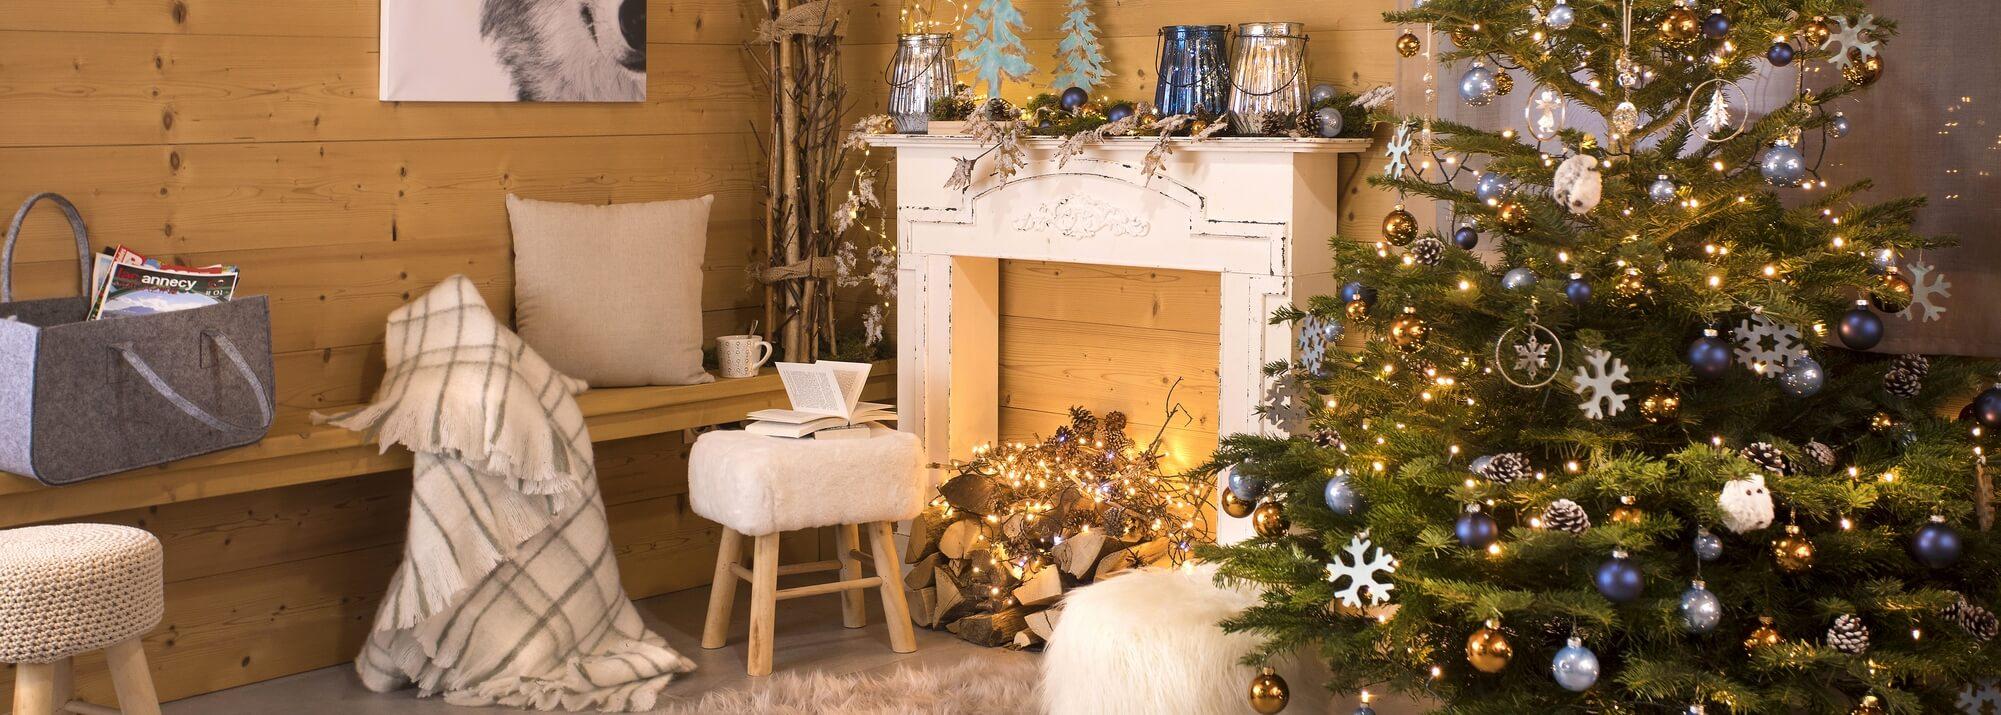 Décorations de Noël pour la maison